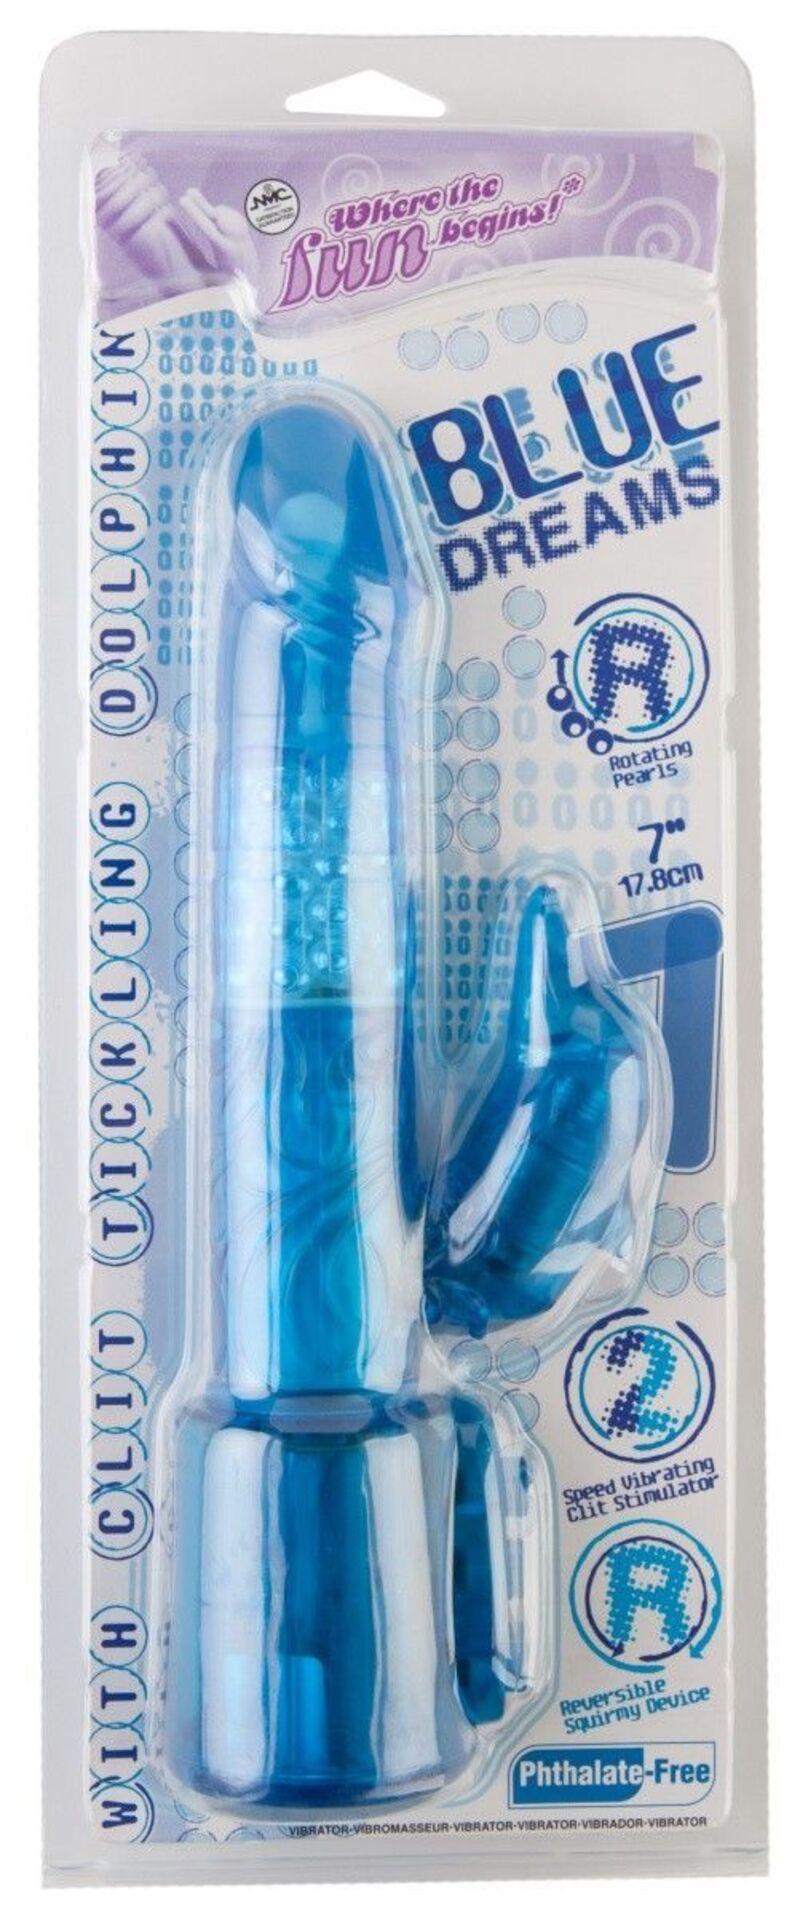 Вибратор NMC Blue Dream с клиторальным стимулятором в форме «дельфина», многофункциональный, с ротацией, 17,8 см